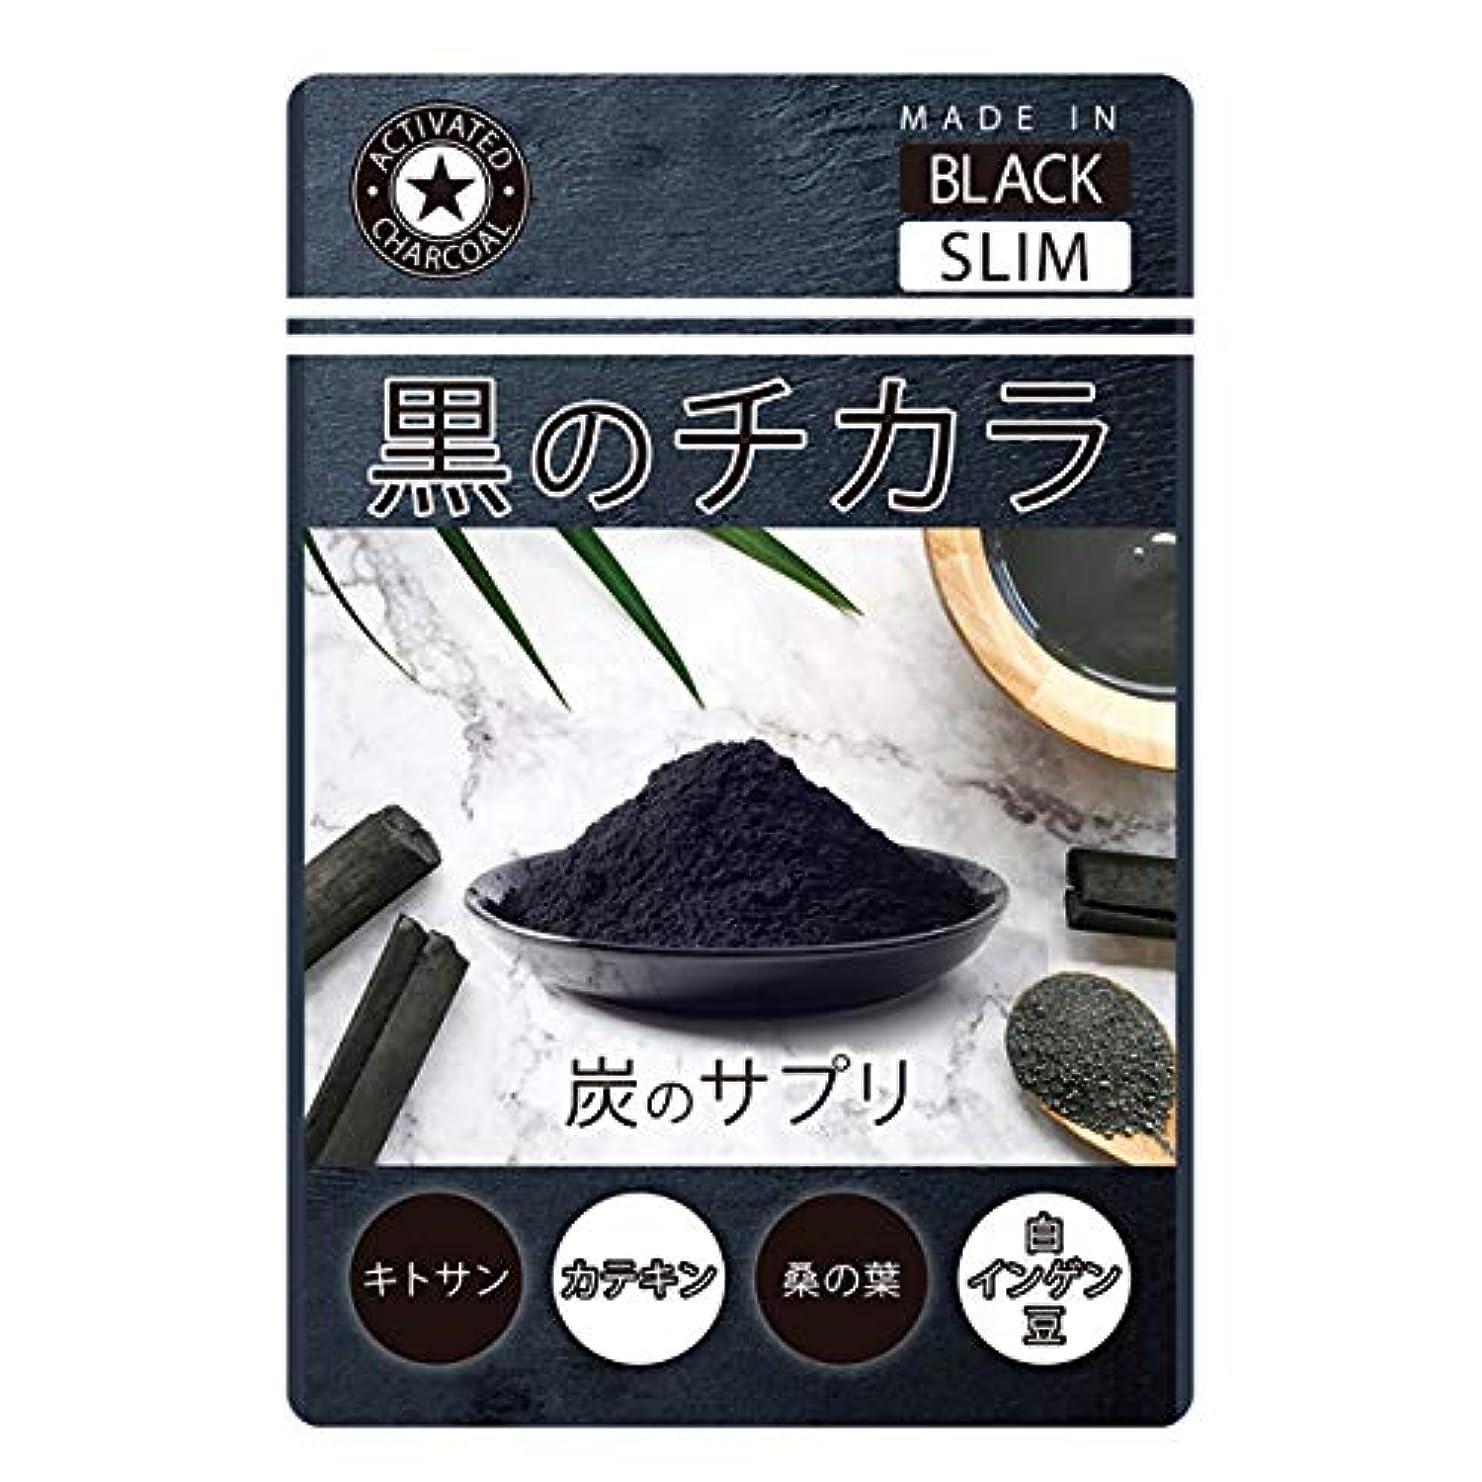 で出来ている機械落ち込んでいる活性炭サプリ 黒のチカラ チャコールダイエット 炭ダイエット 活性炭DIET 炭のチカラ ダイエット サプリメント 炭サプリメント【約3ヶ月分】